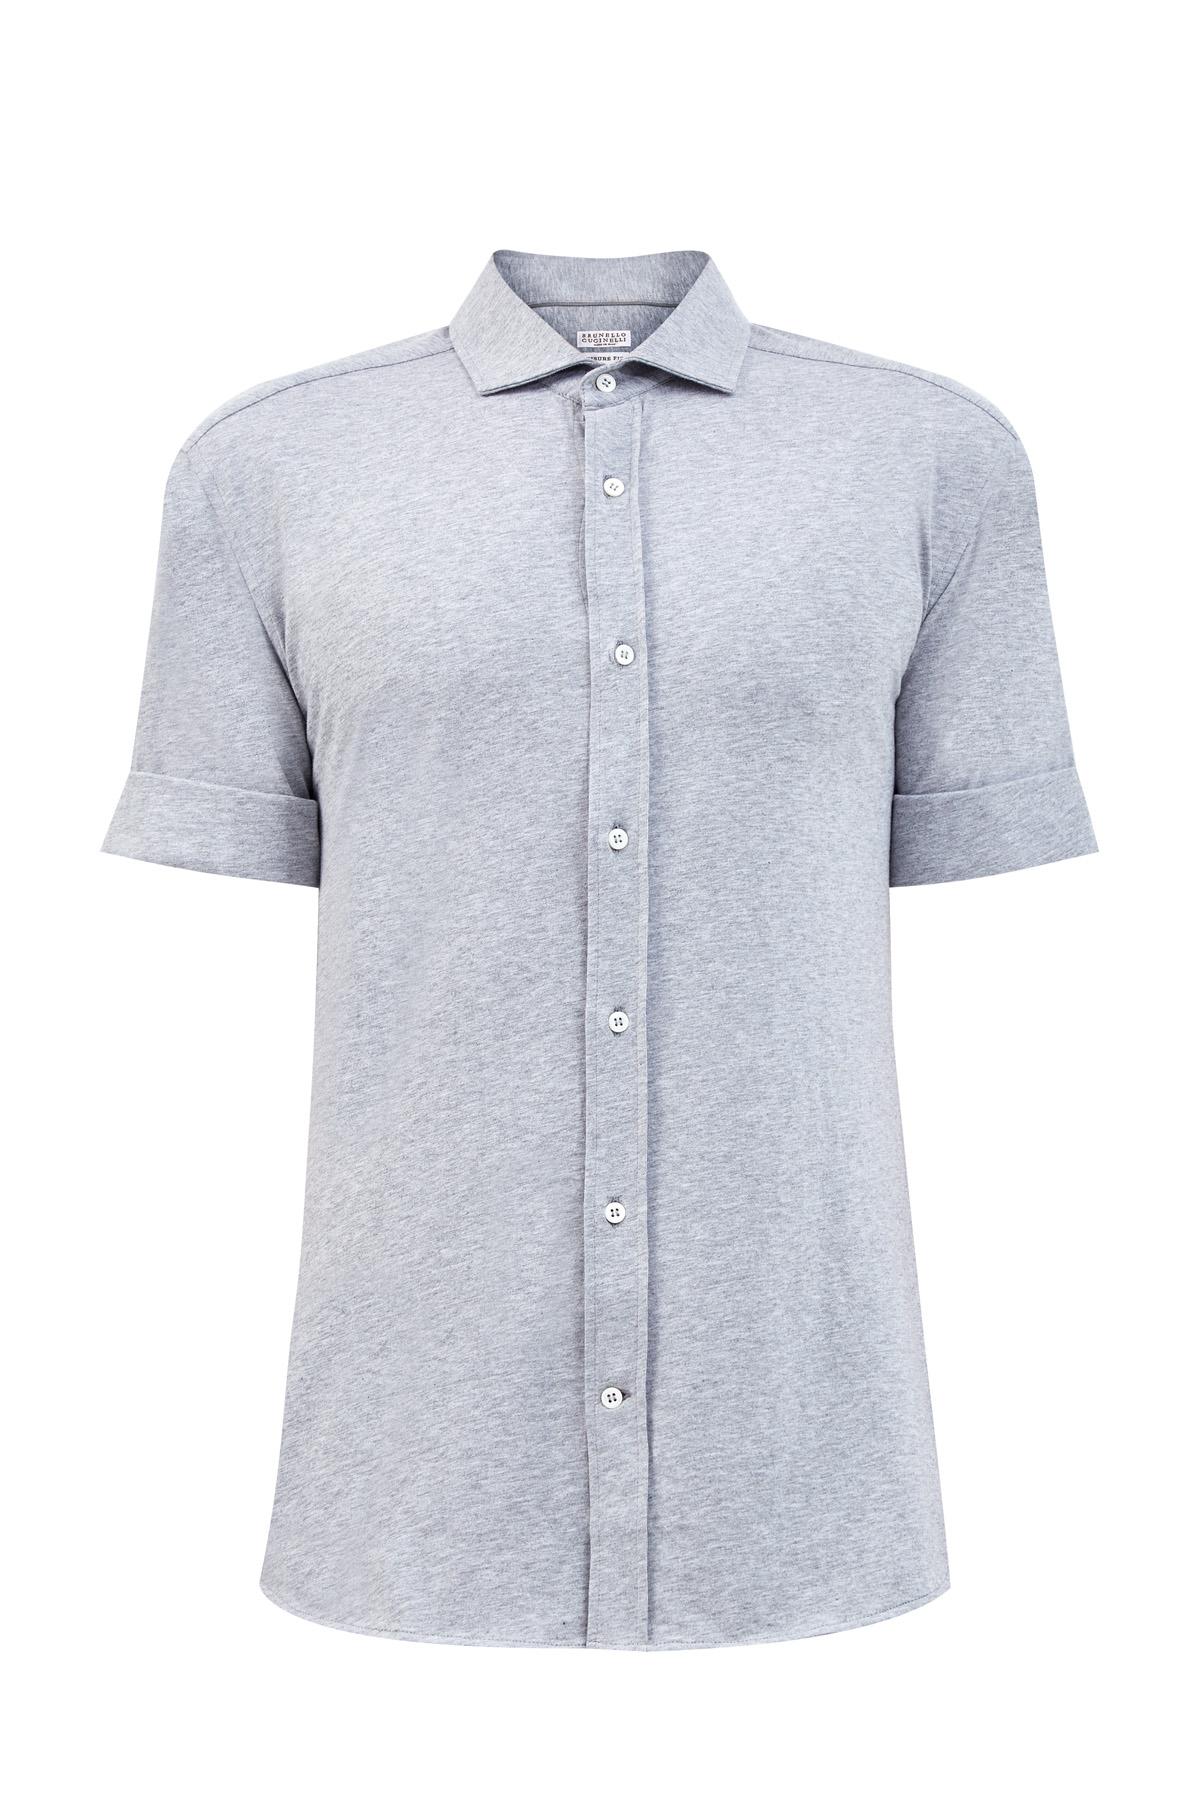 Рубашка из хлопка джерси с отворотами на рукавах